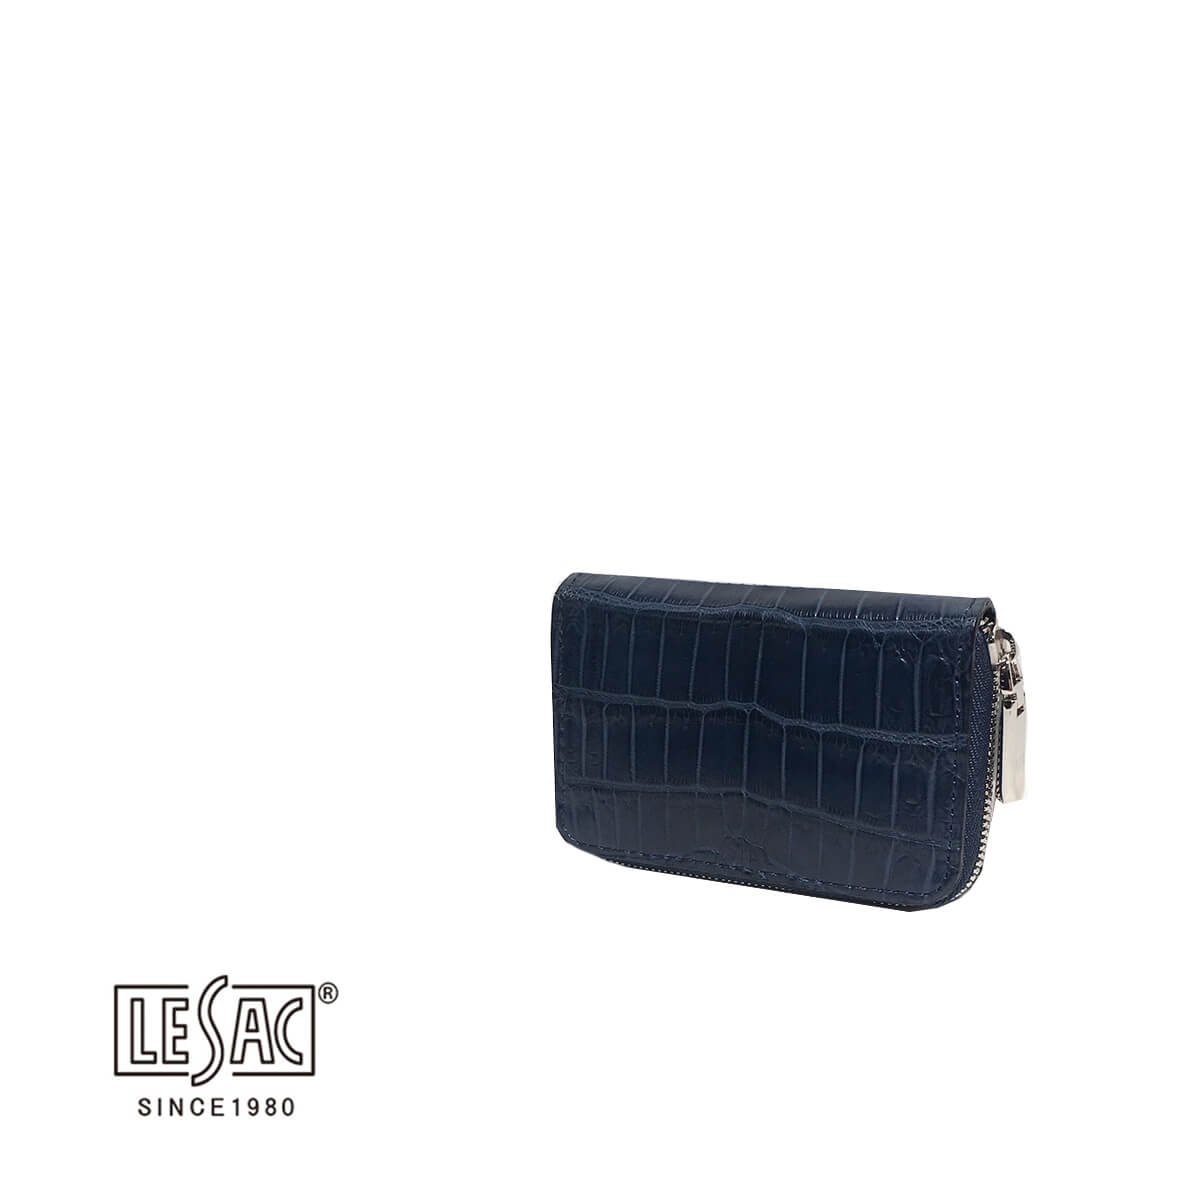 LE'SAC(レザック)小銭入れ カードケース クロコダイル ネイビー